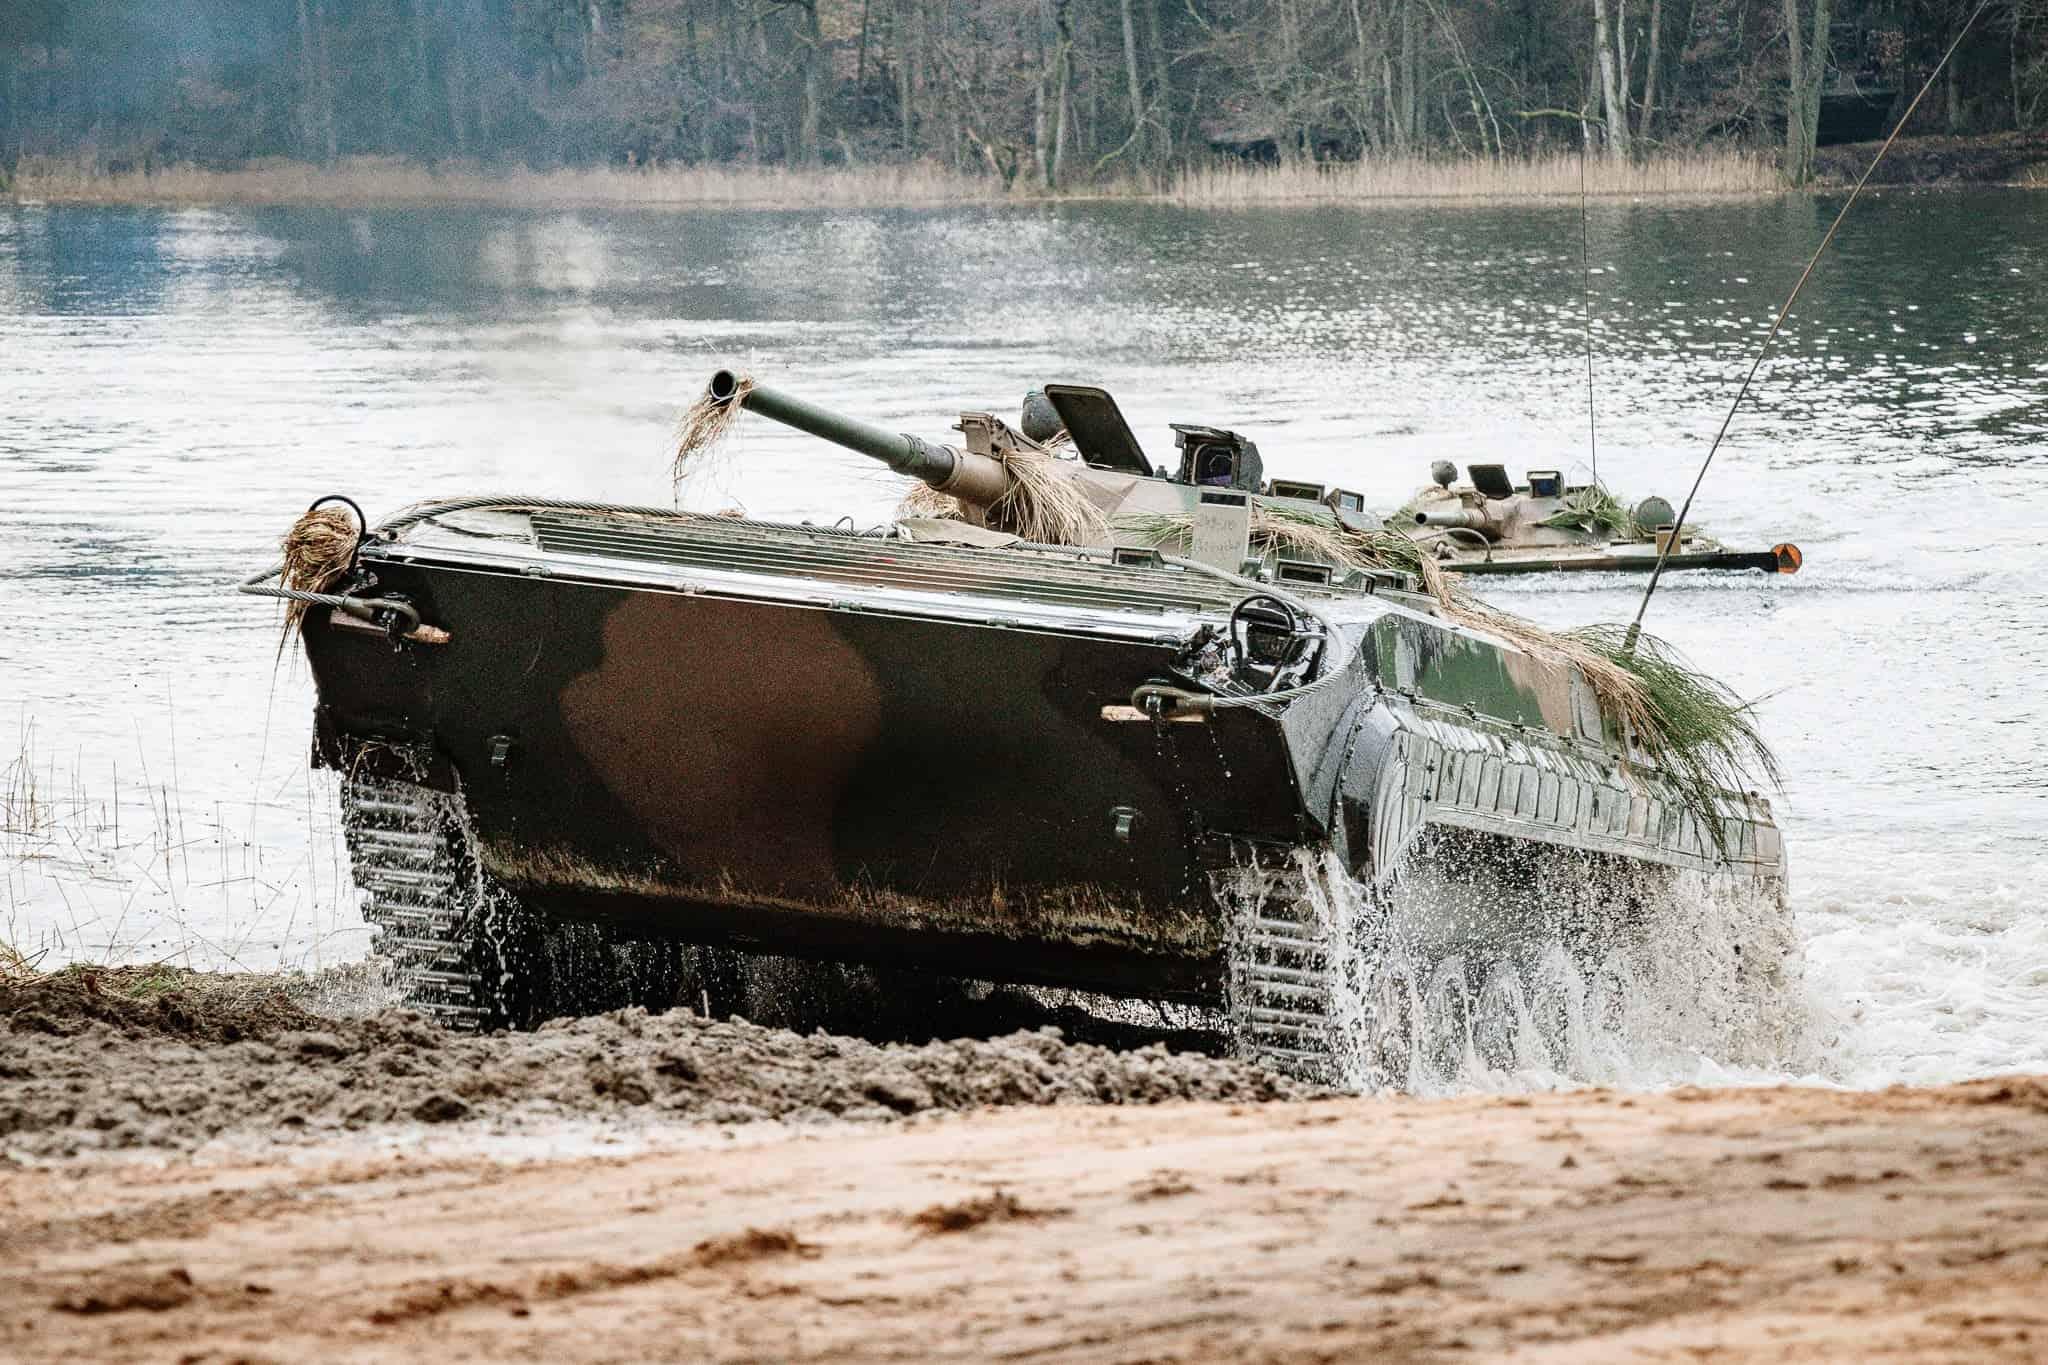 Бойова машина піхоти БМП-1 ЗС Польщі